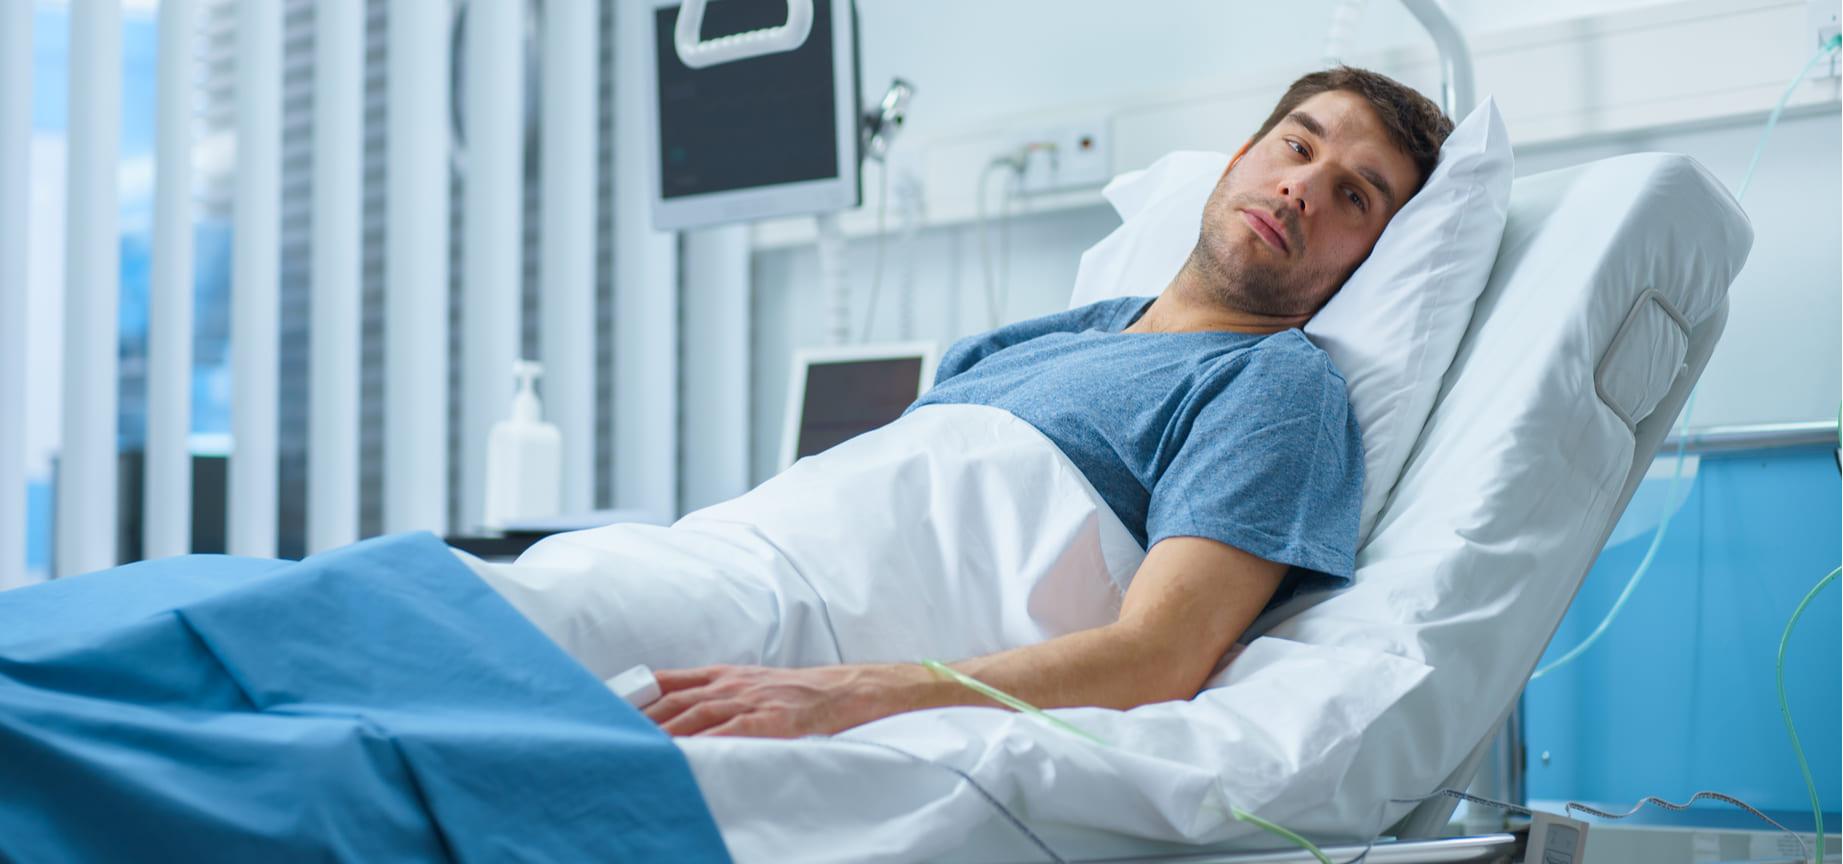 Paciente complica su estado de salud a causa de la warfarina